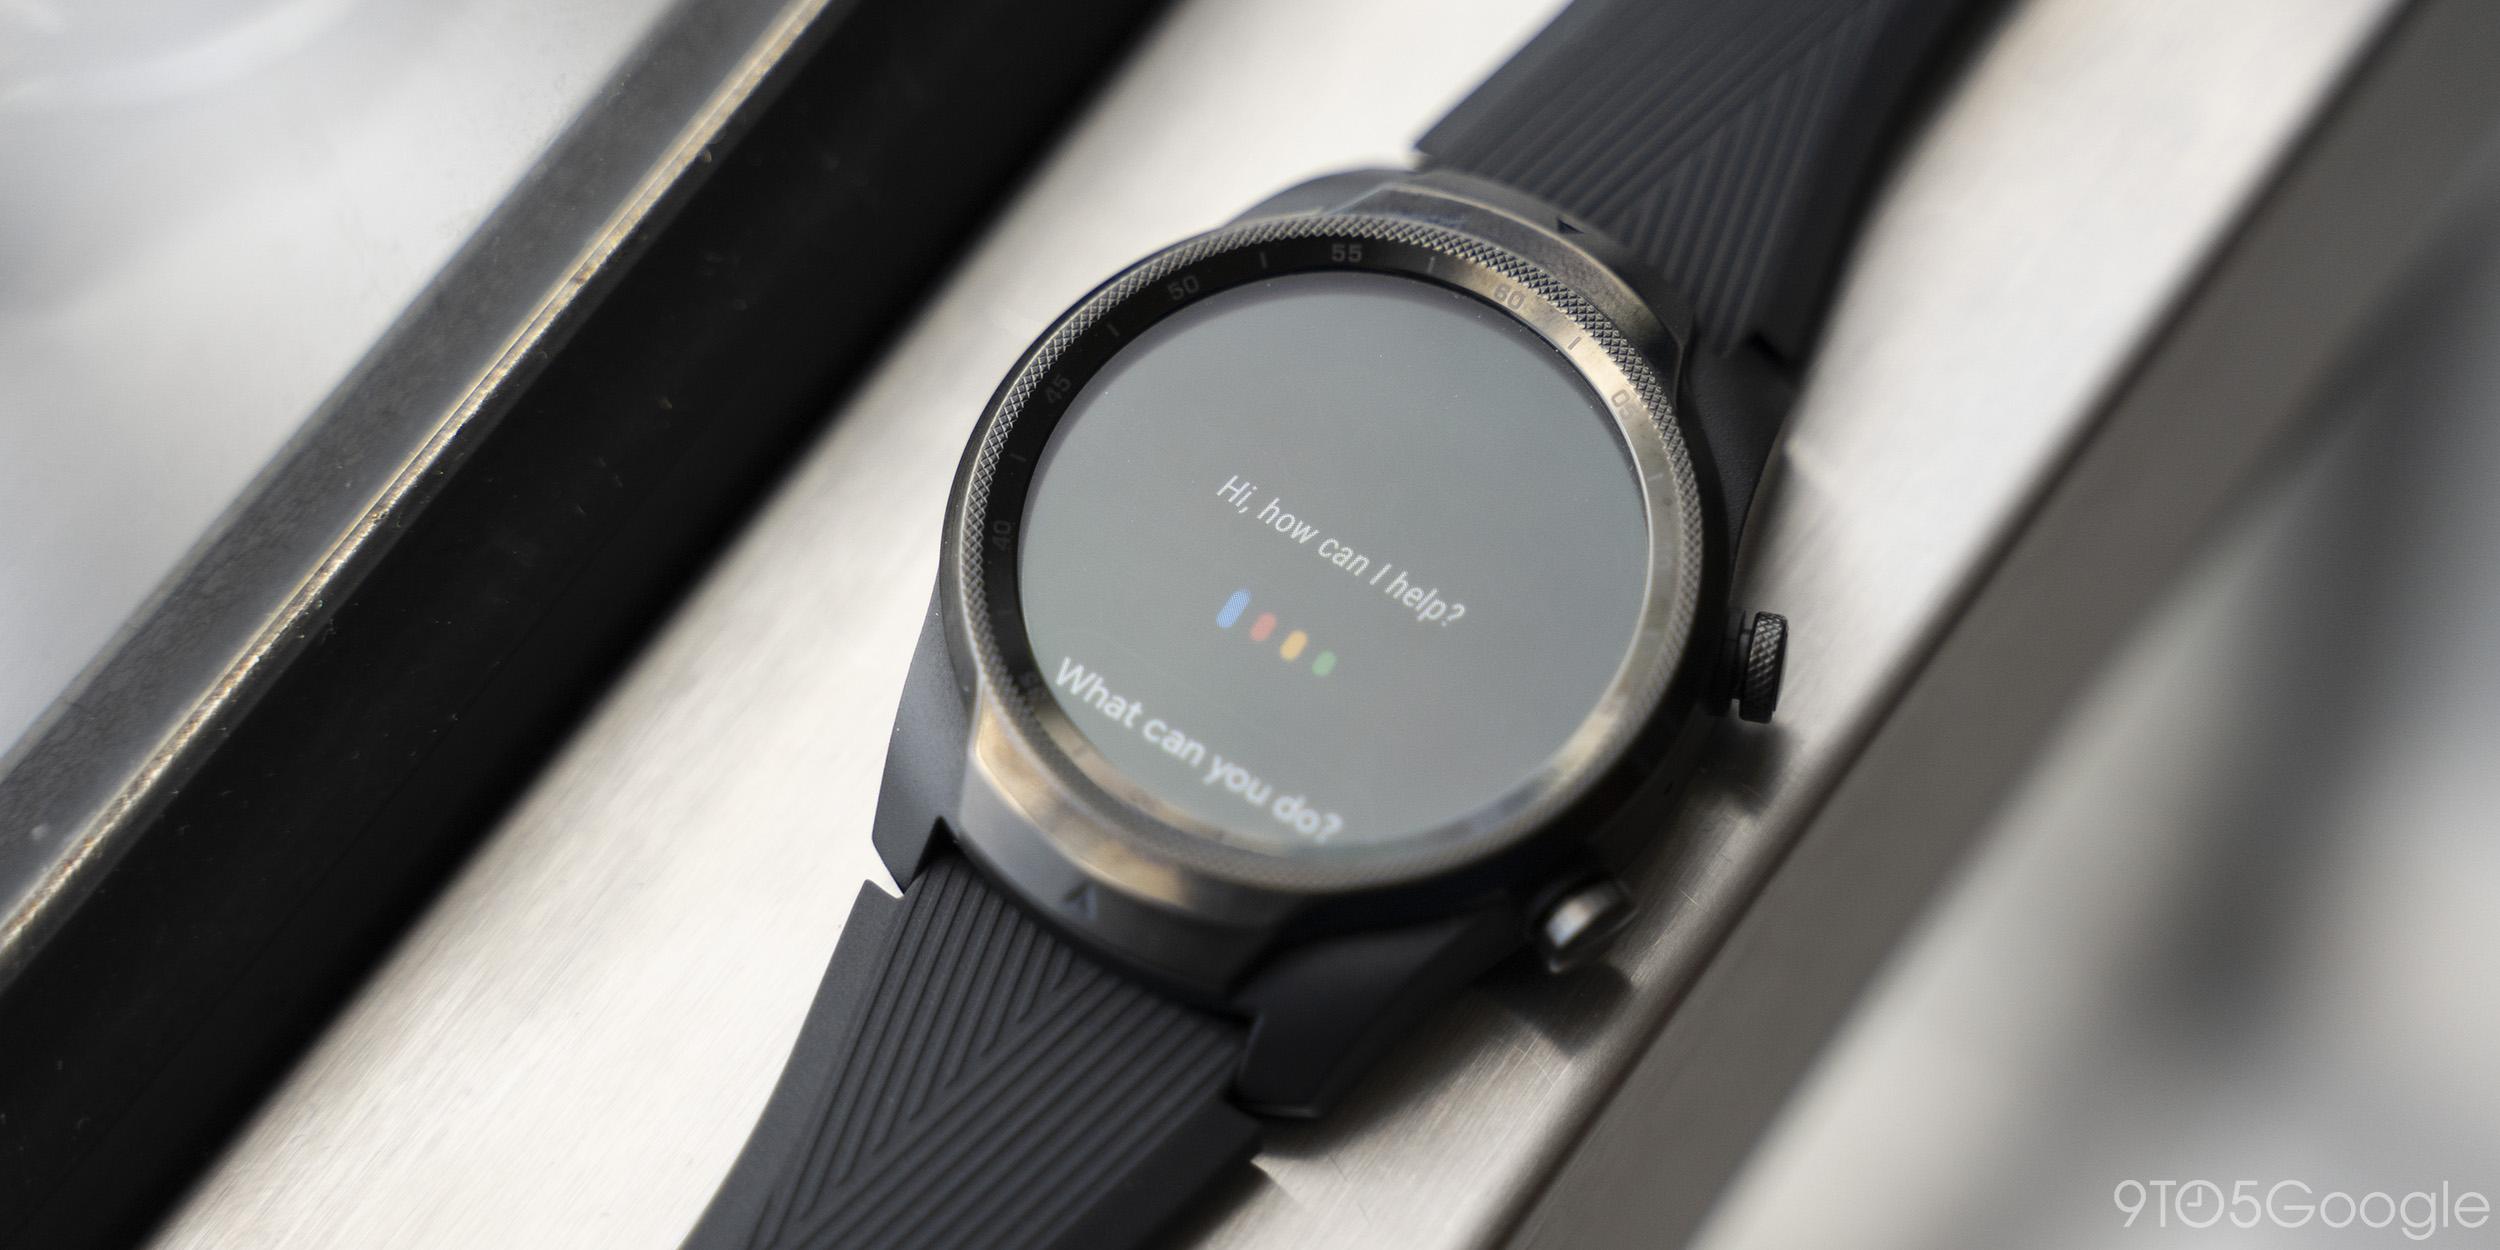 [Update: Fixed] Latest Google app beta breaks Assistant on Wear OS